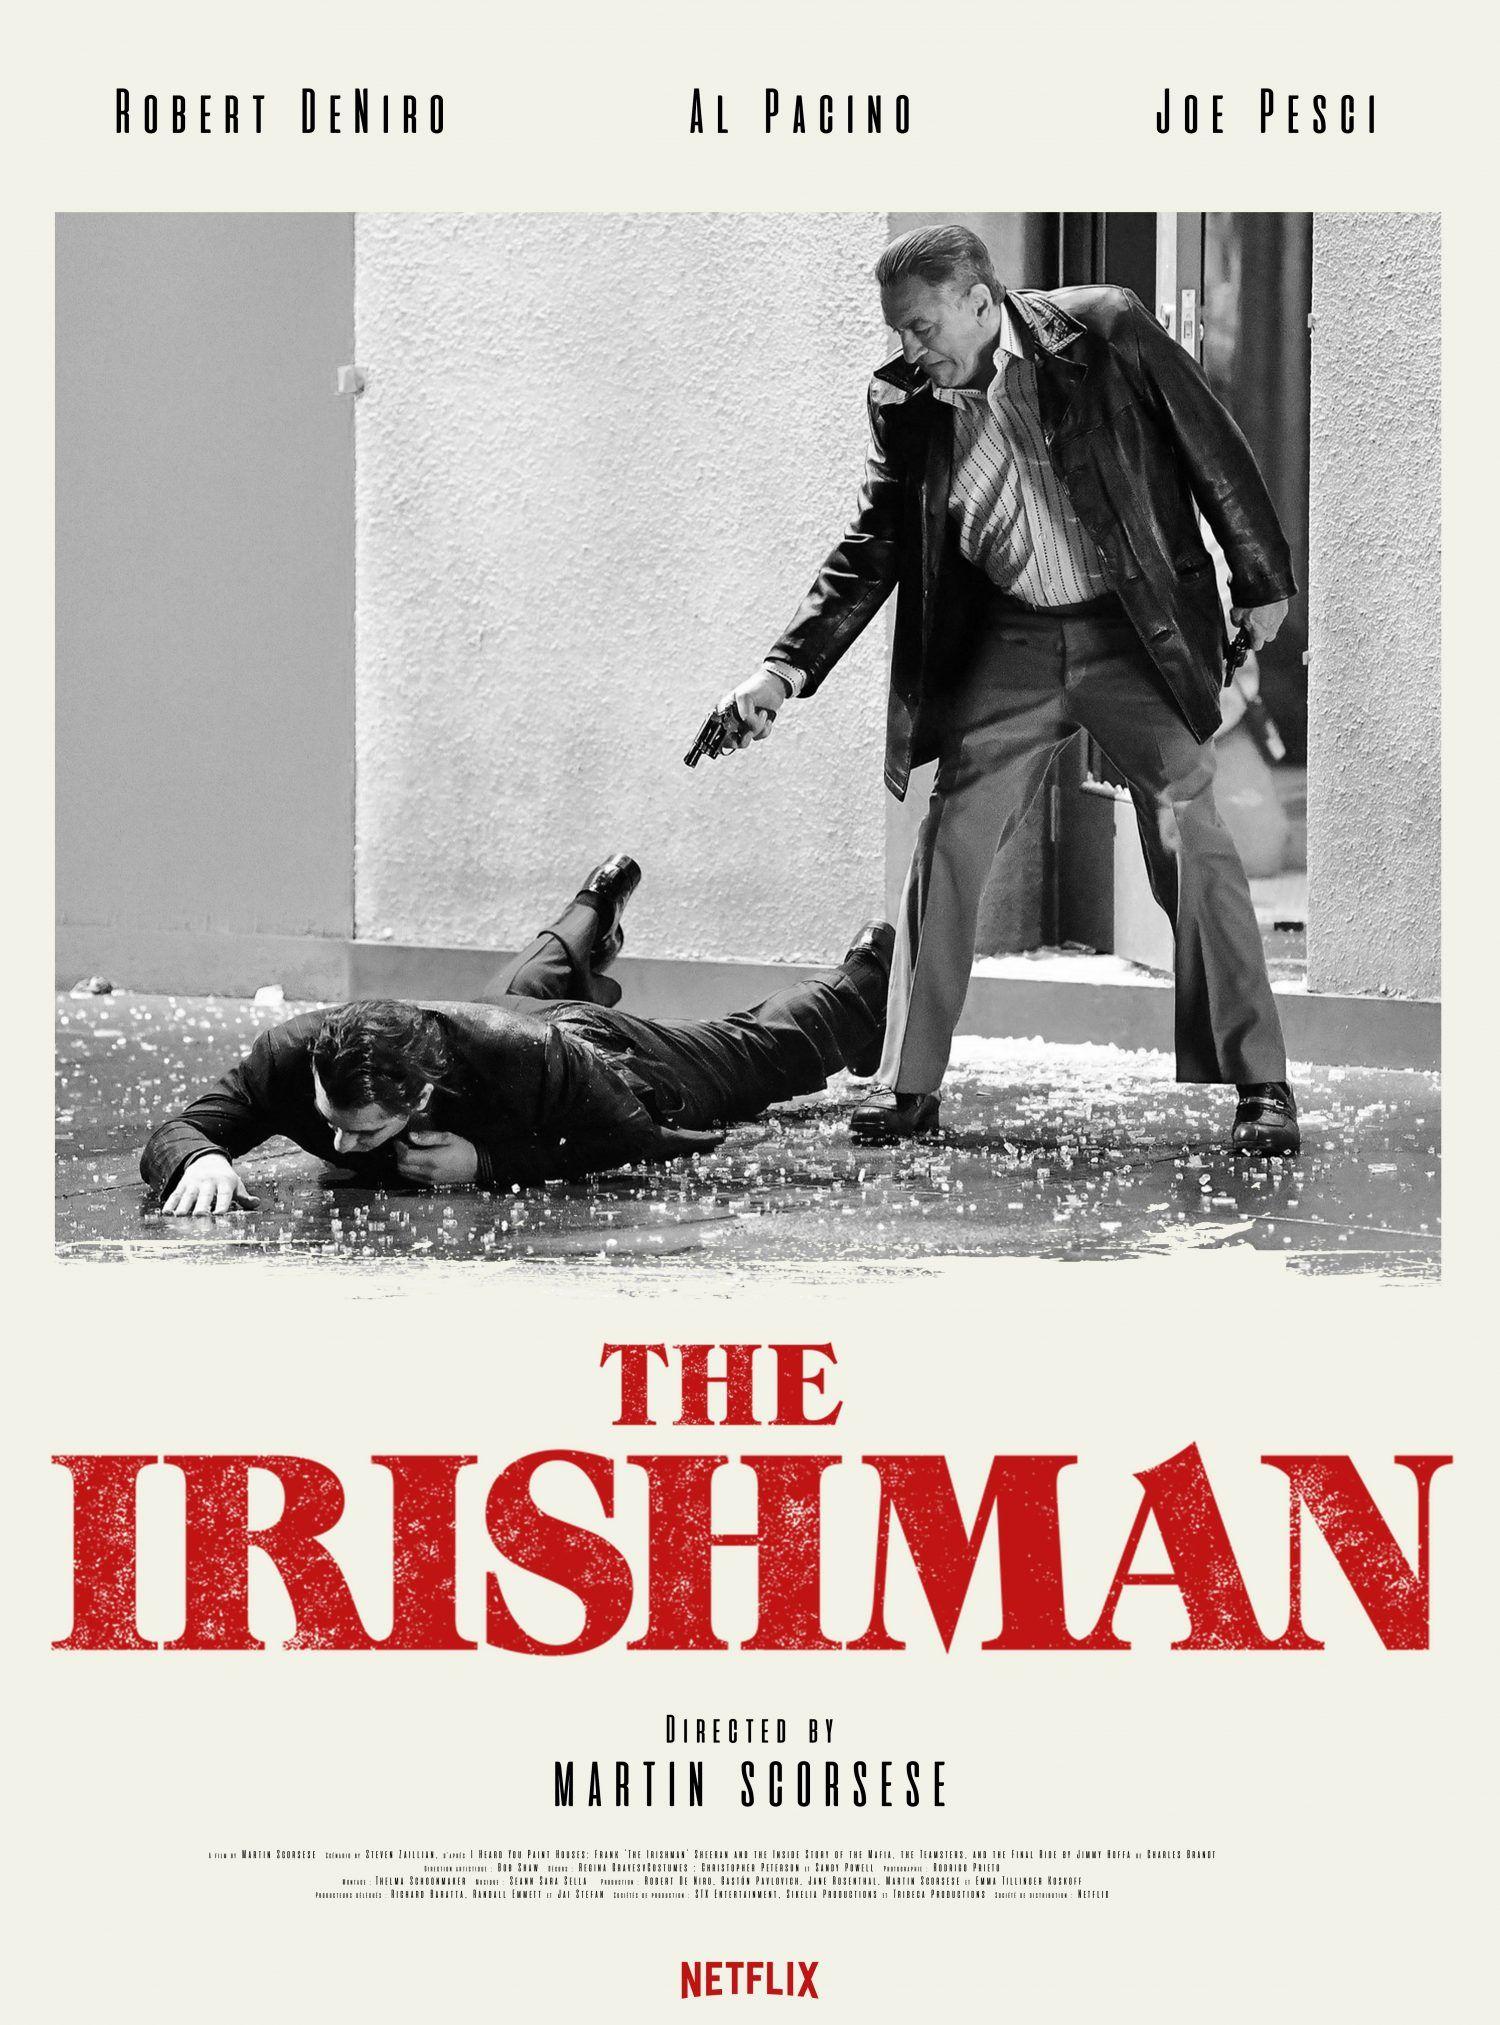 The Irishman 2019 1500 X 2025 Carteles De Peliculas Afiche De Cine Carteles De Cine